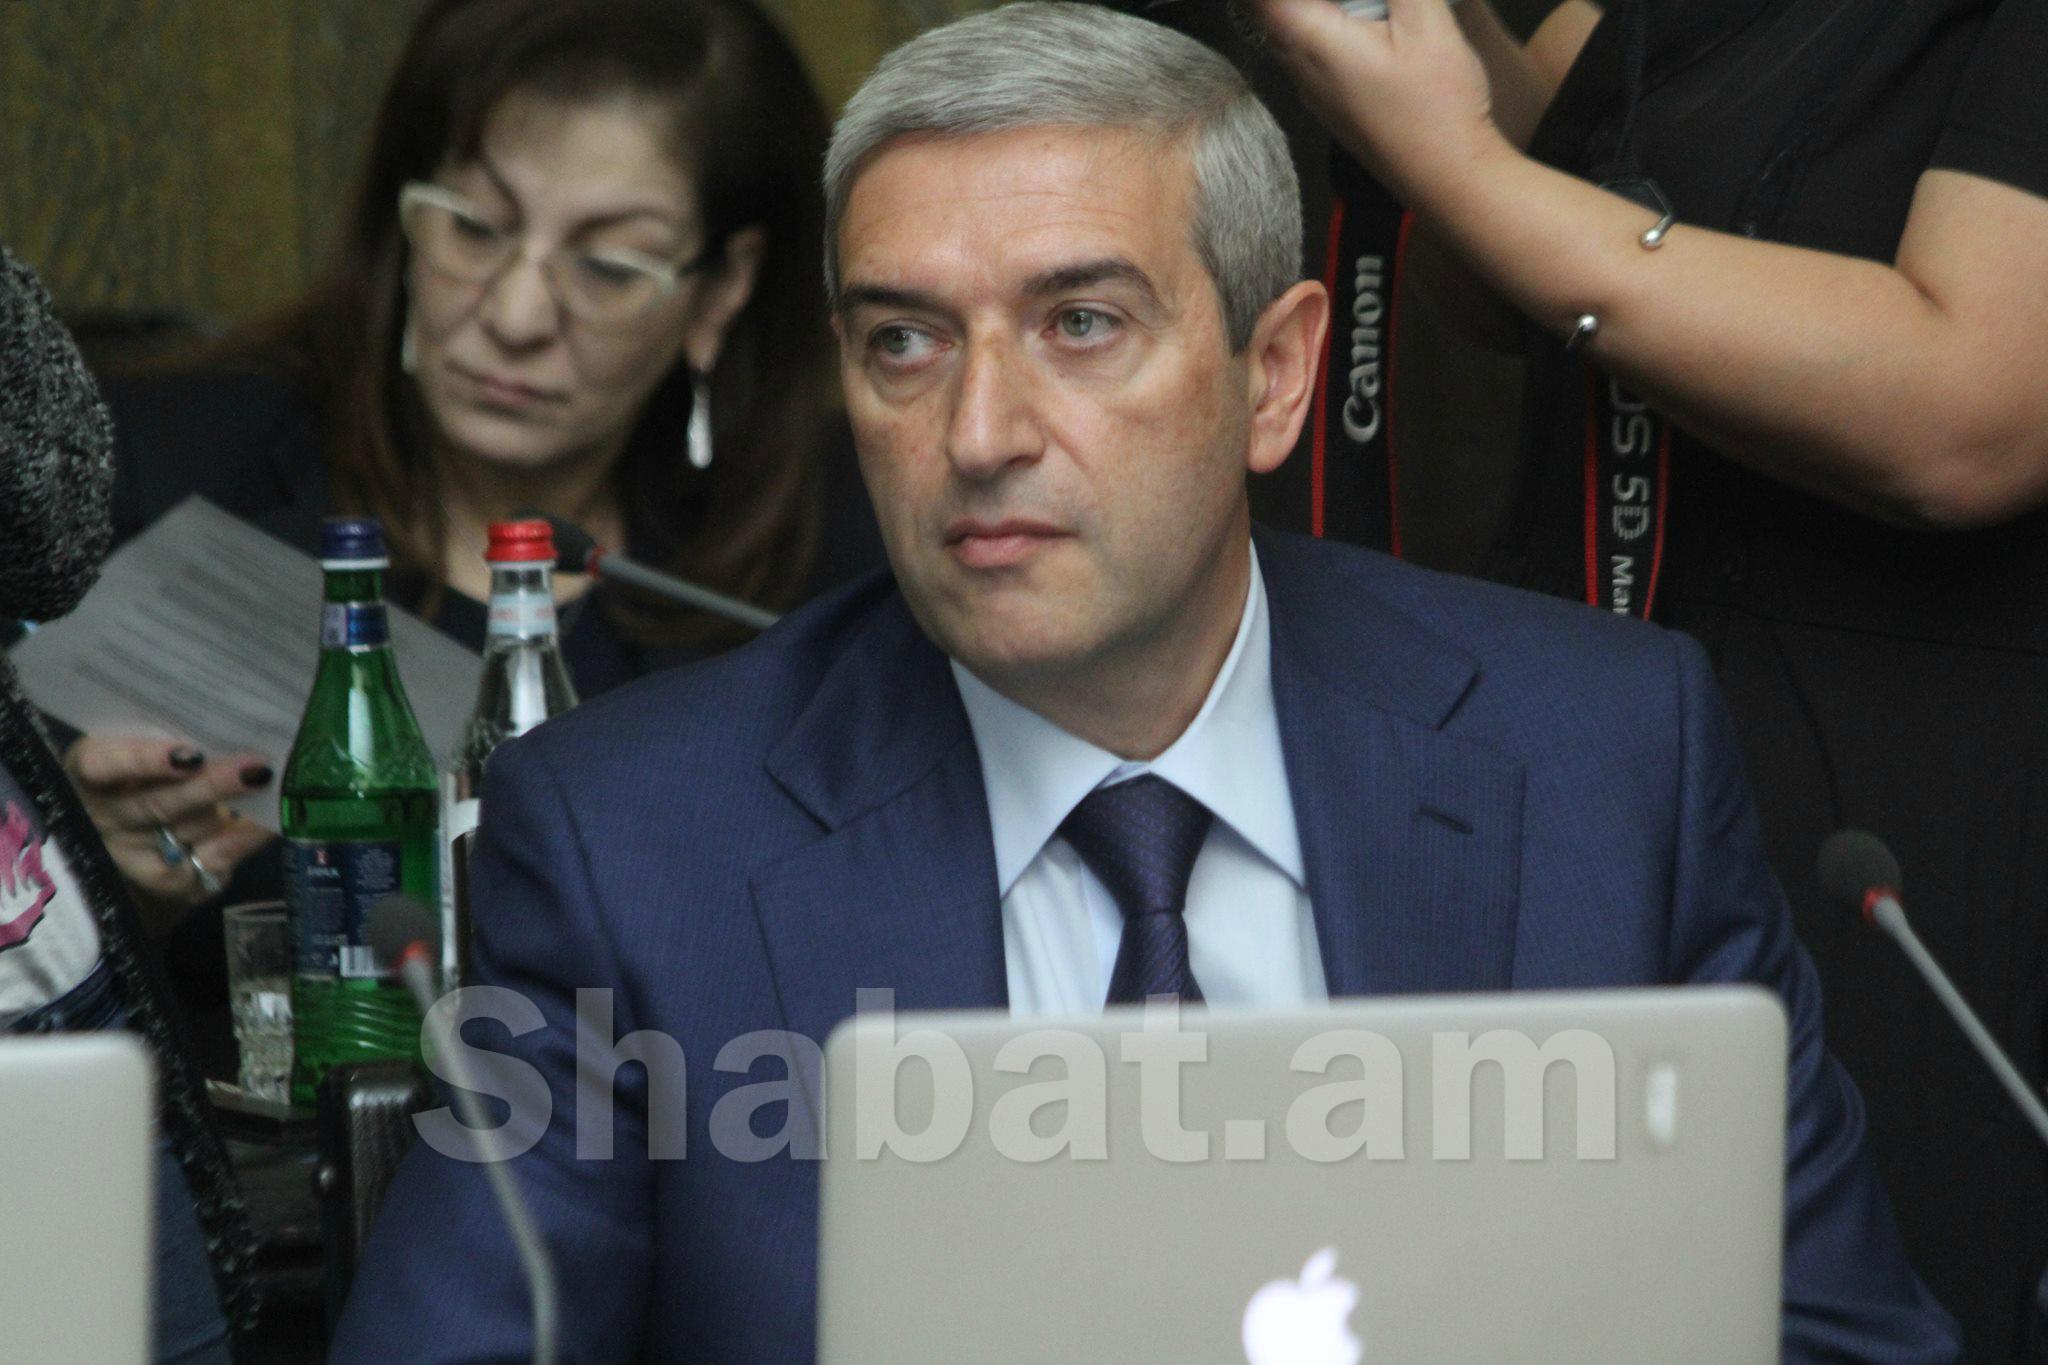 Իմ պաշտոնավարման ընթացքում որևէ ծրագիր չի տապալվել. Վահան Մարտիրոսյան